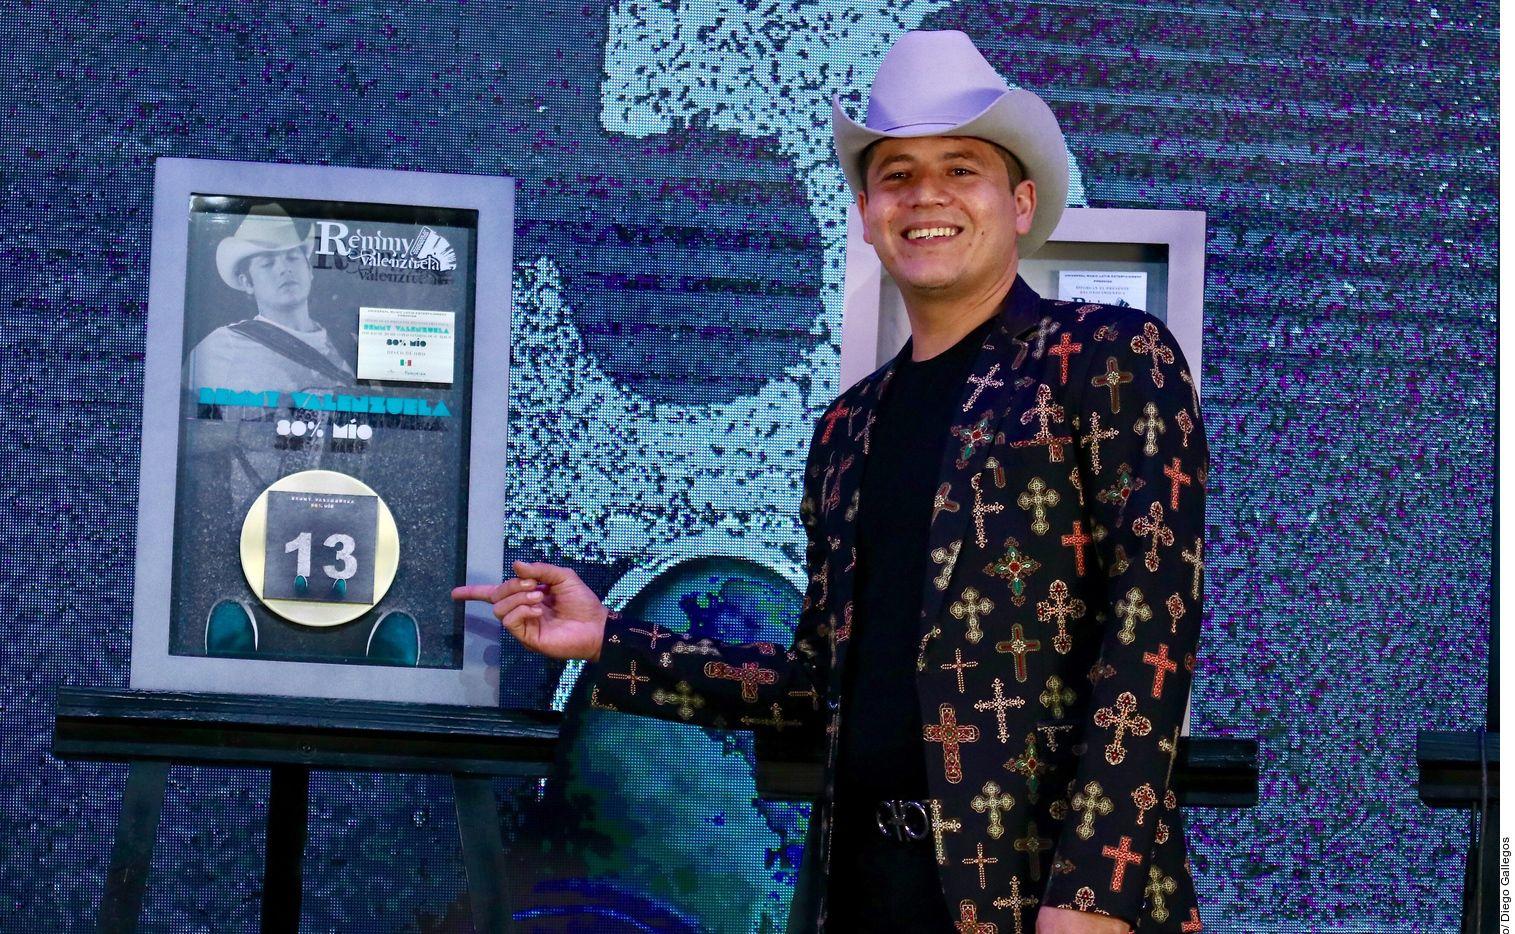 El cantante Remmy Valenzuela fue denunciado ante la Fiscalía General de Sinaloa.